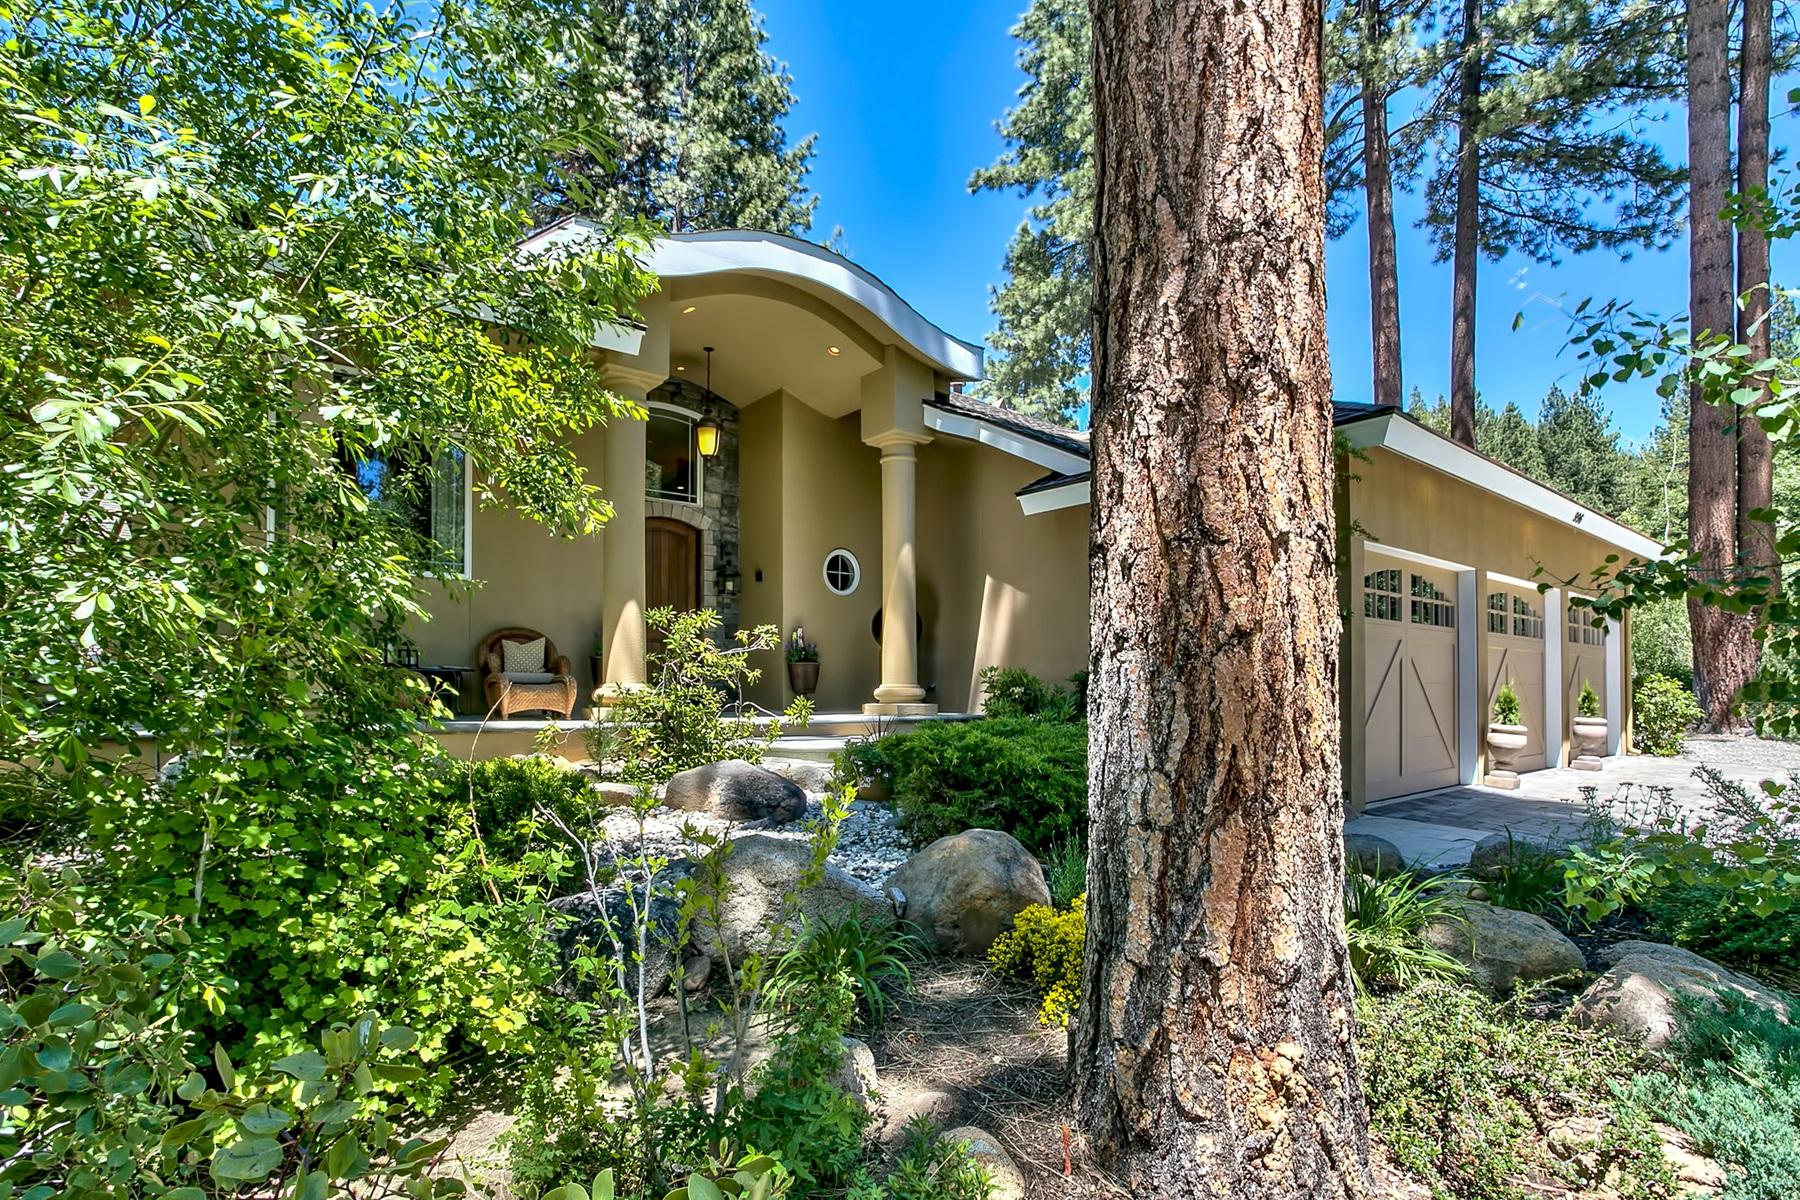 Частный односемейный дом для того Продажа на 996 Fourth Green Incline Village, Невада, 89451 Соединенные Штаты